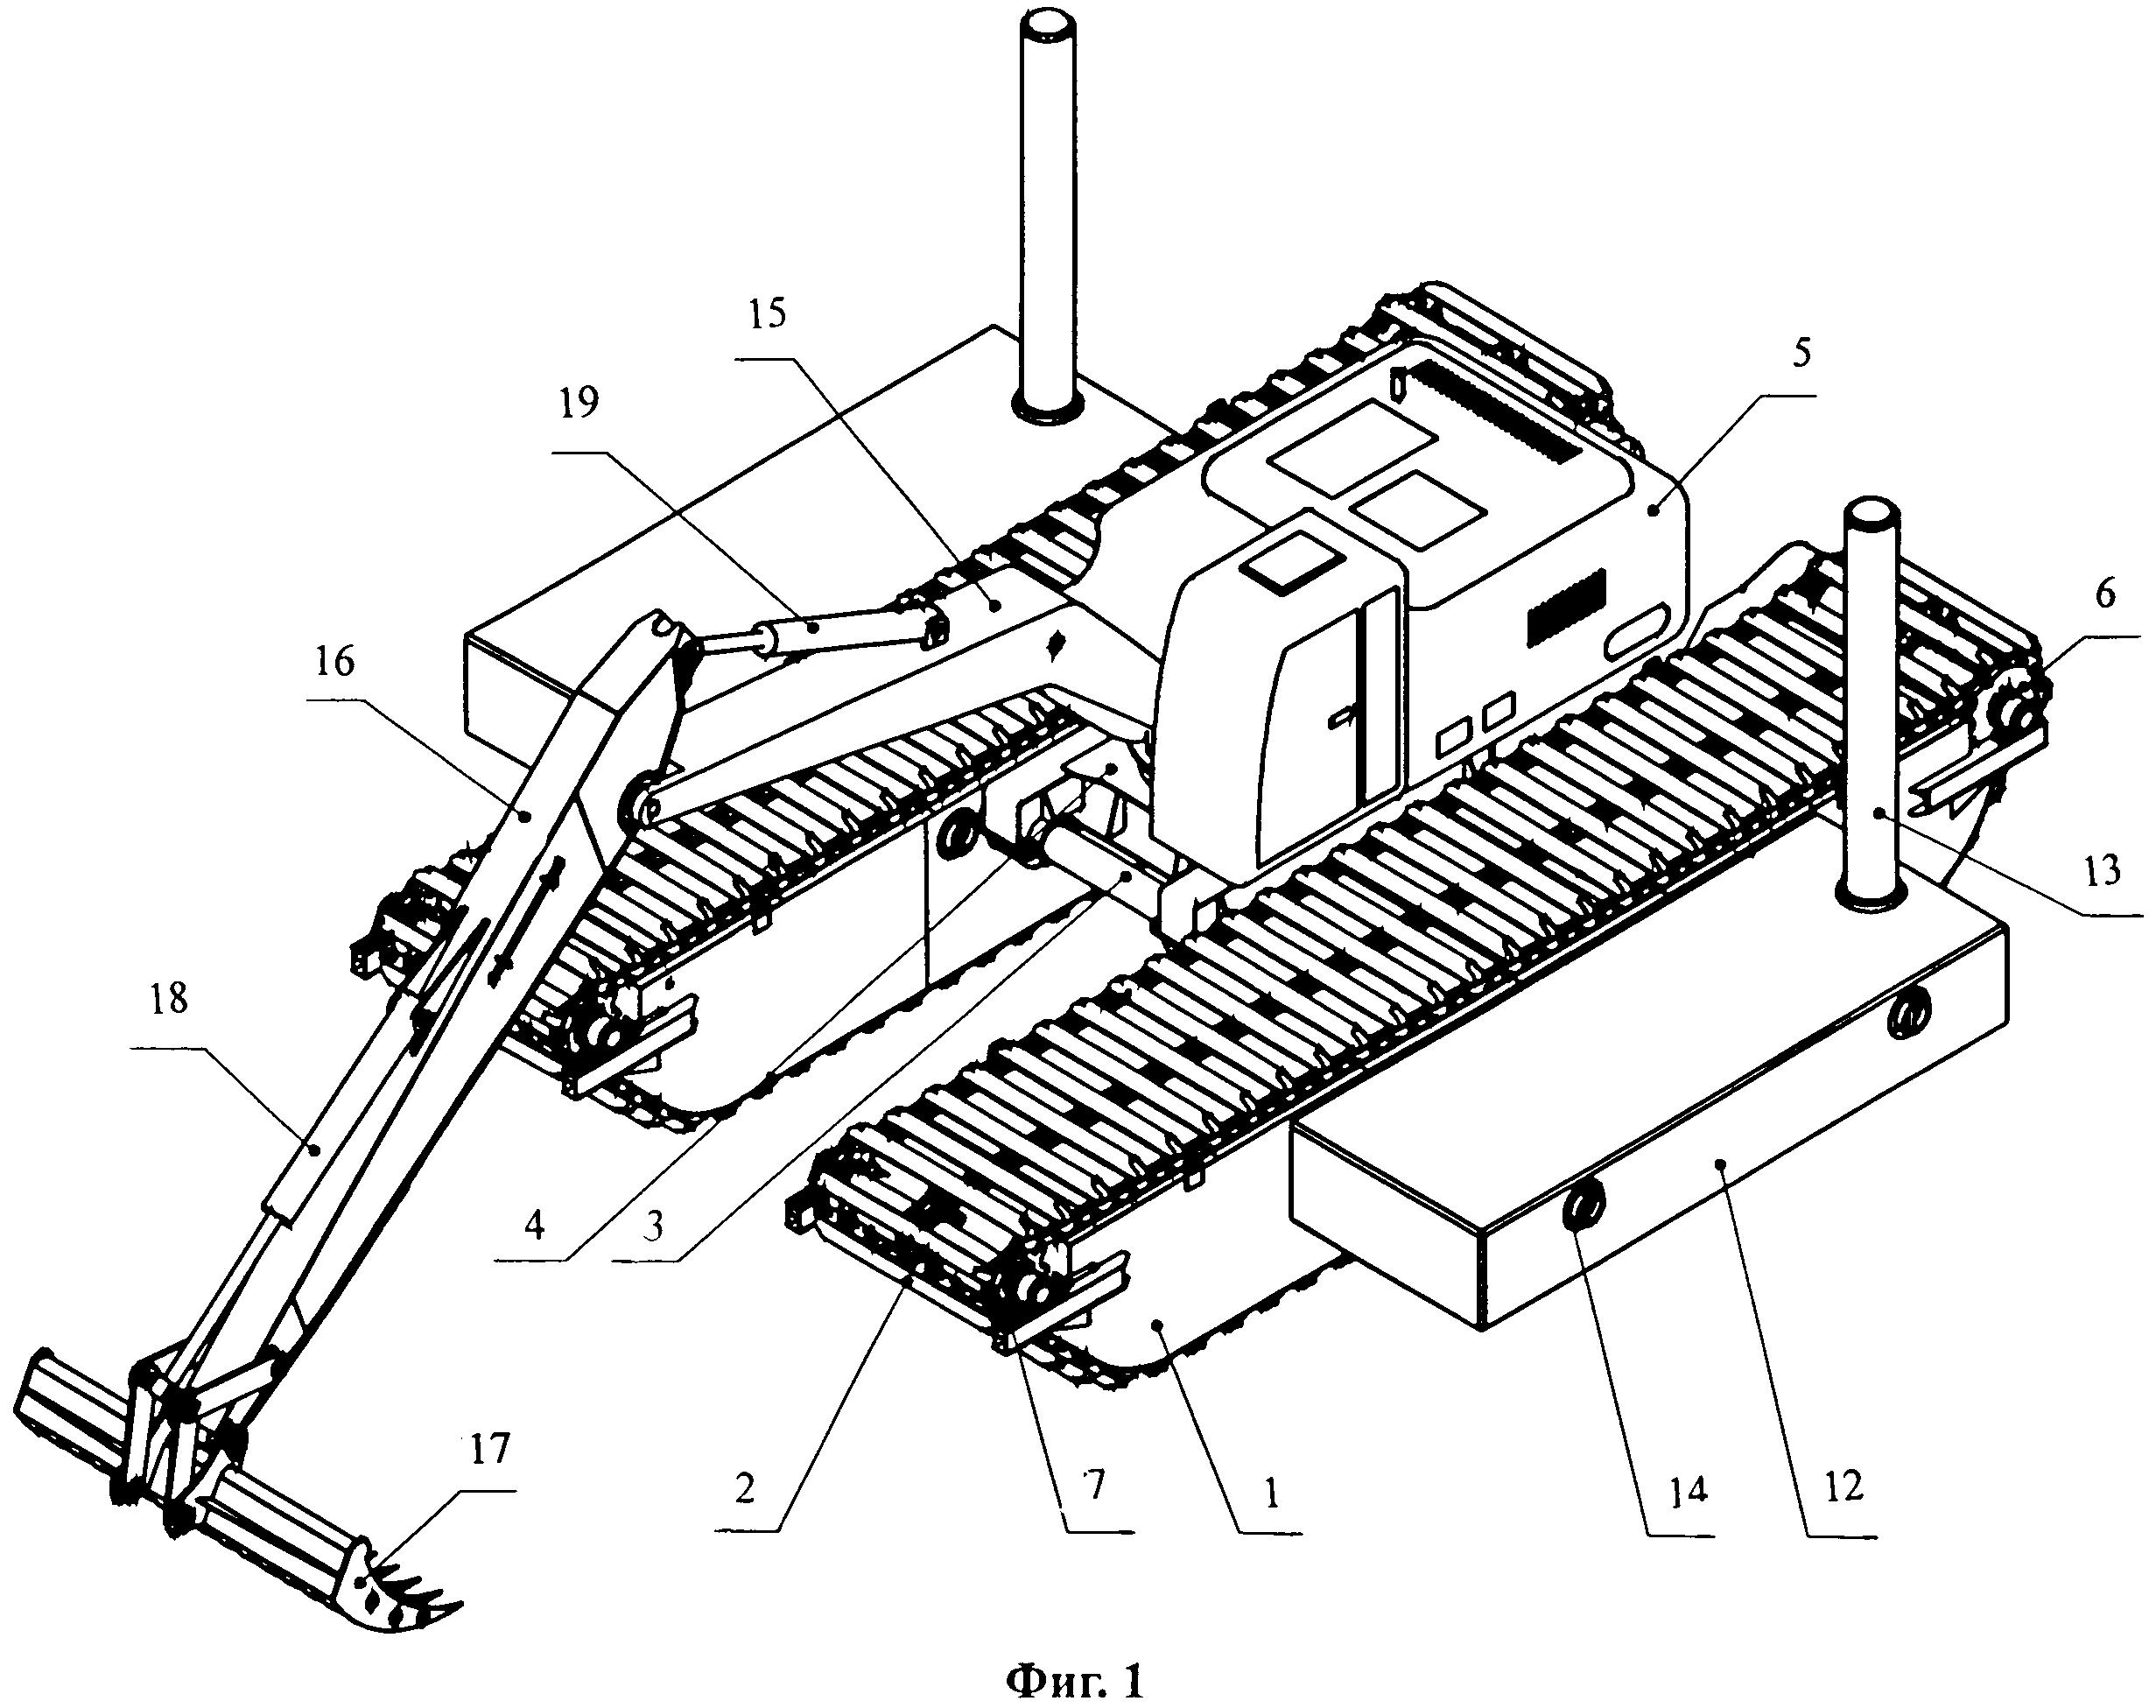 Плавучее средство гусеничного типа с землеройным оборудованием